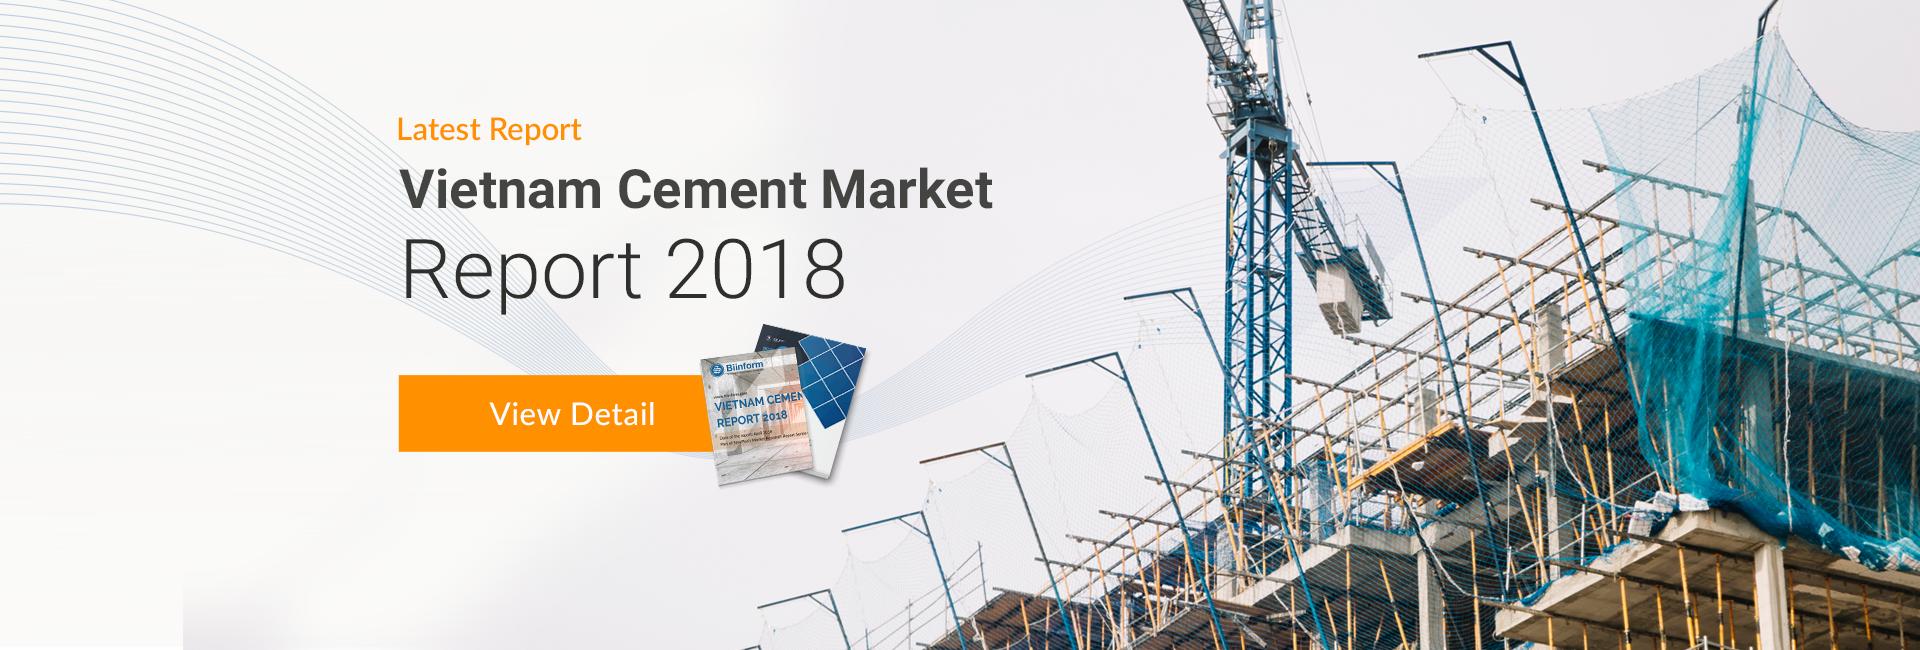 Vietnam Cement Market 2018 Report